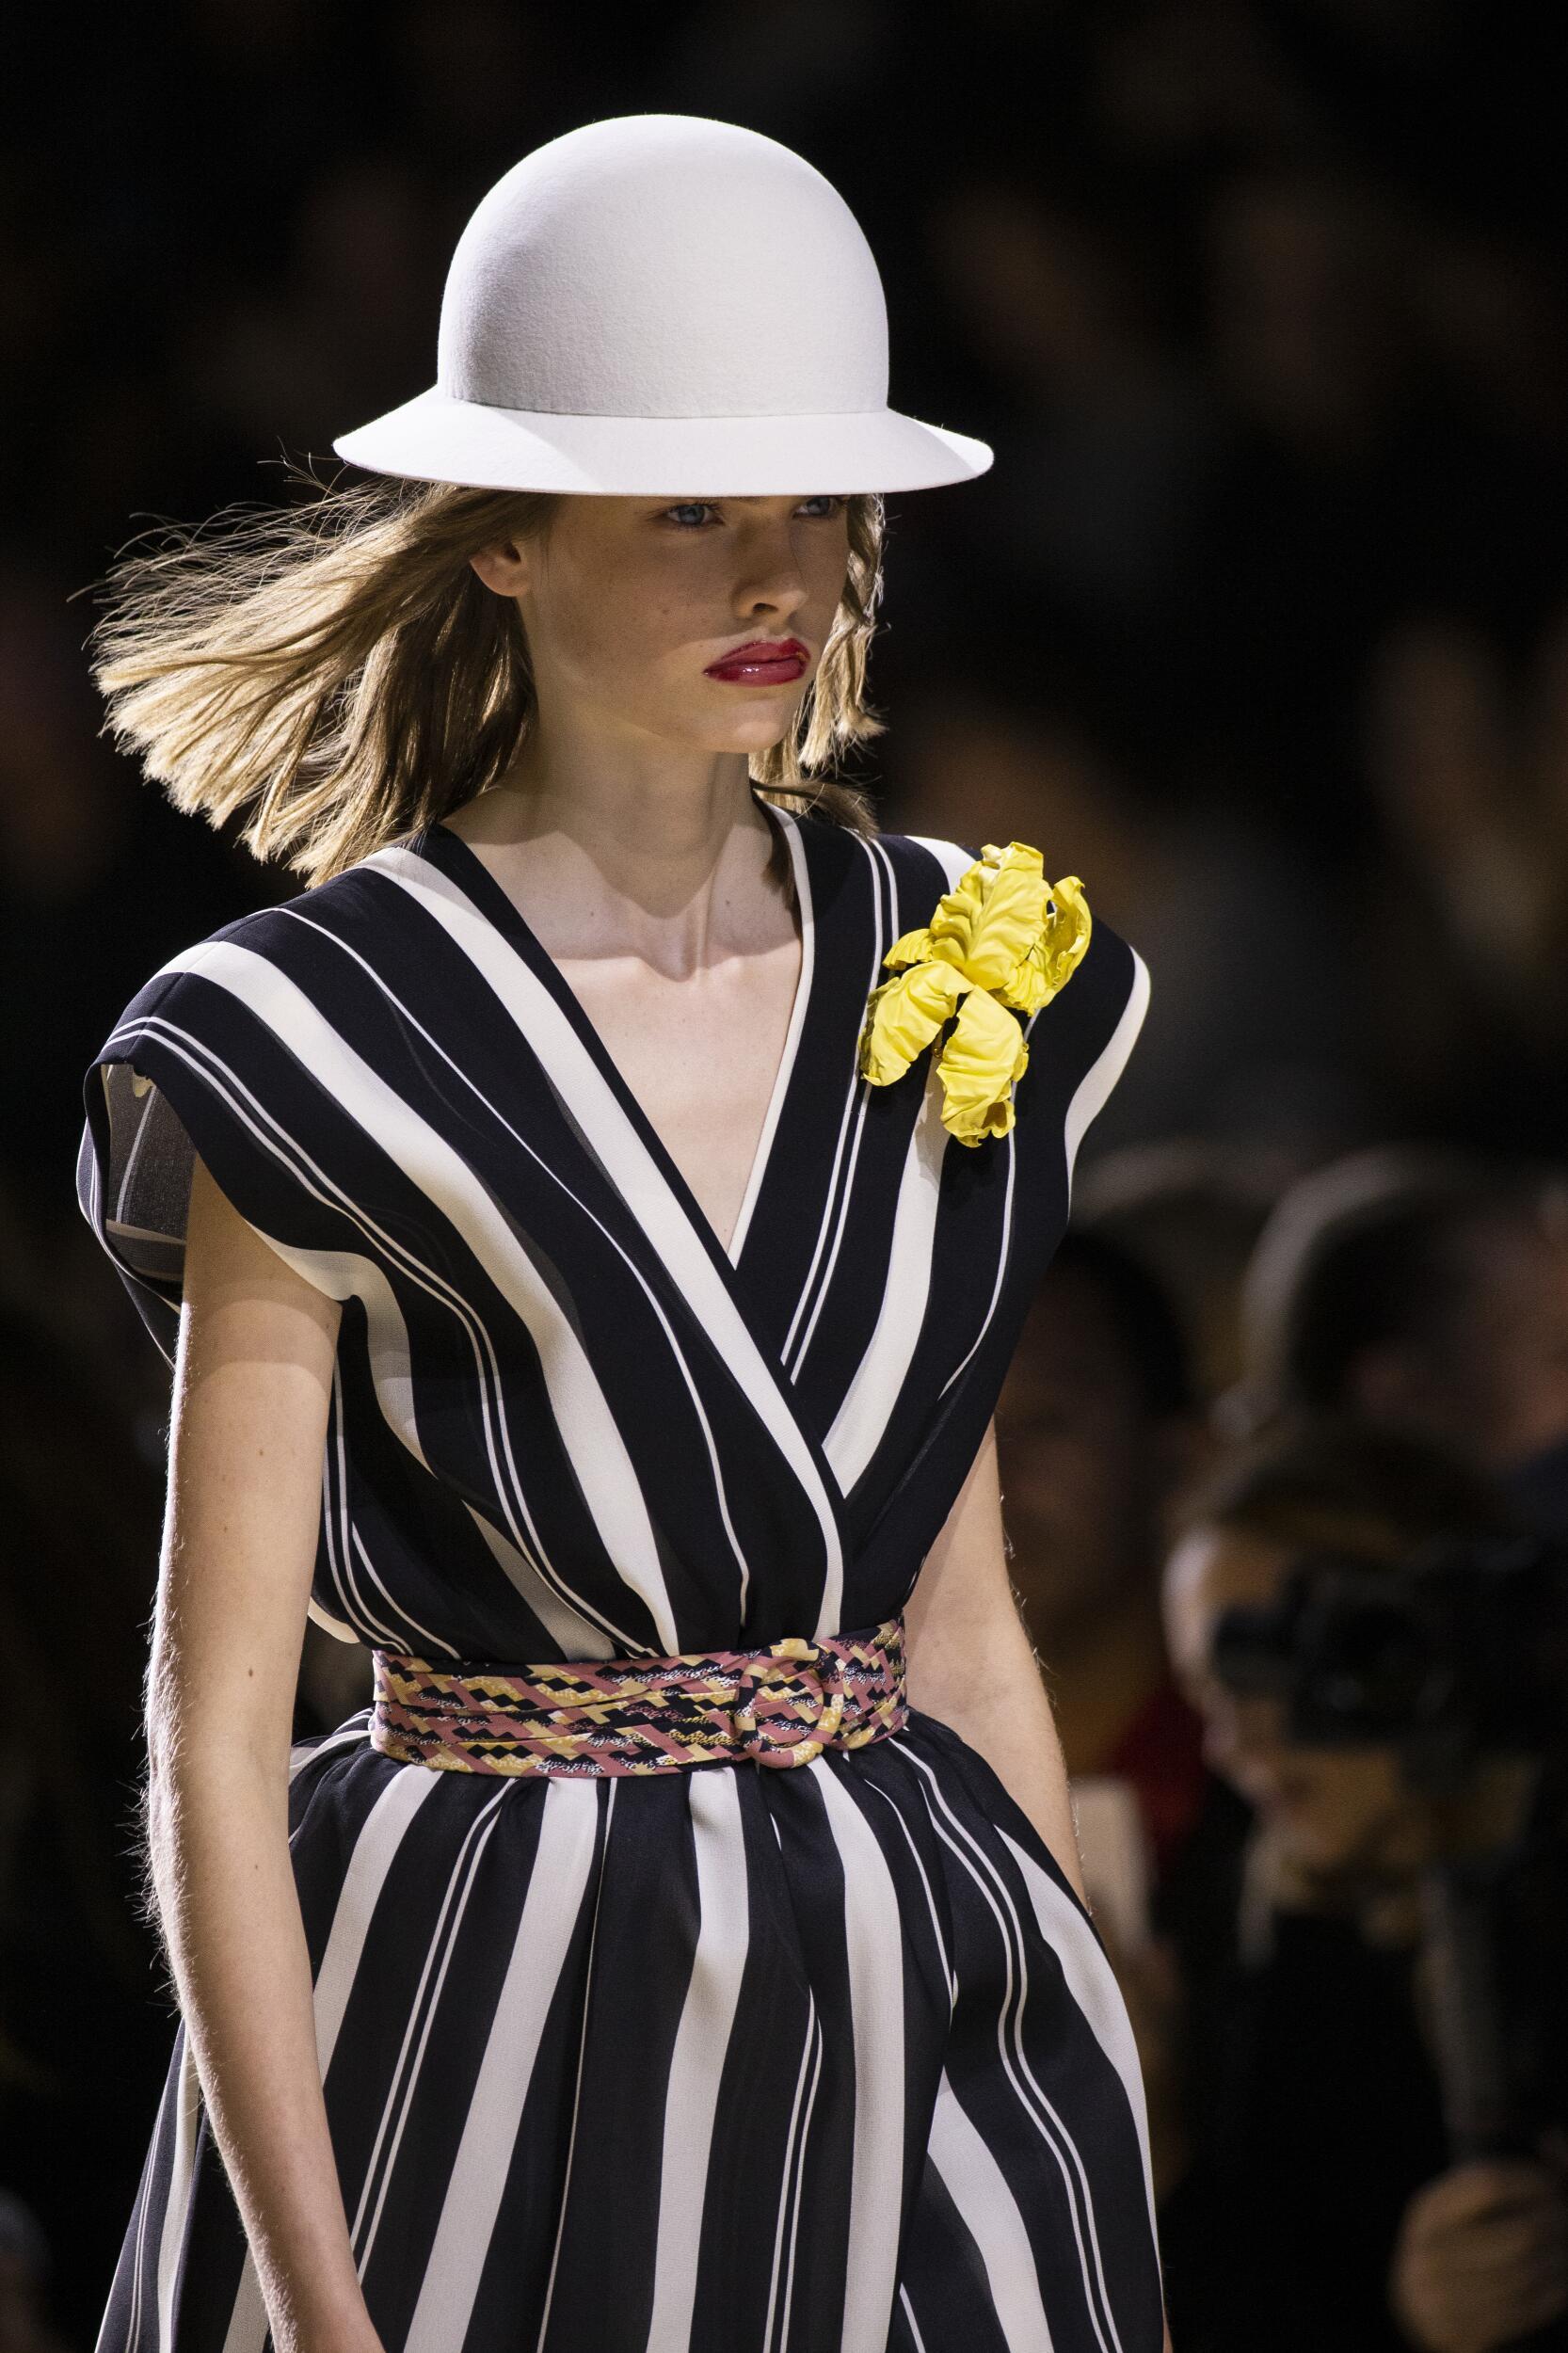 Woman SS 2020 Louis Vuitton Dress